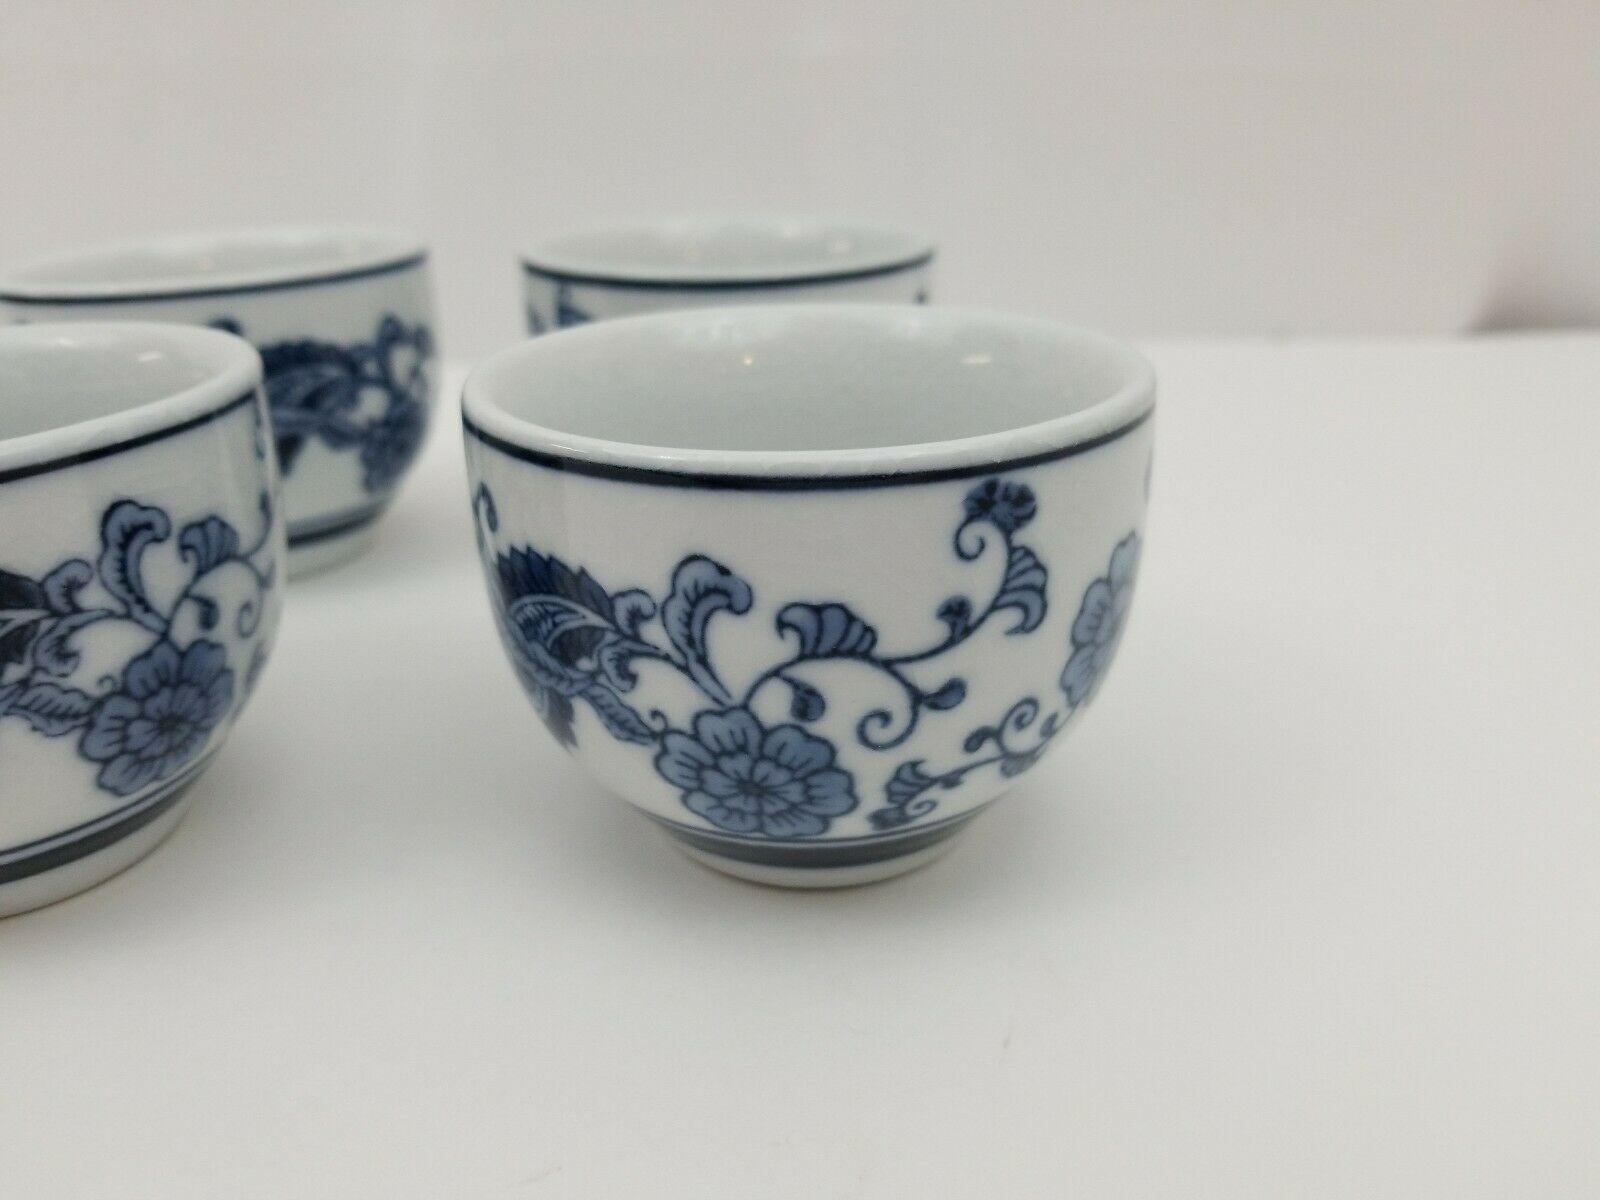 Pier 1 Imports Porcelain Tea Cups Sake Set of 4 White Blue Floral Dish Safe image 5